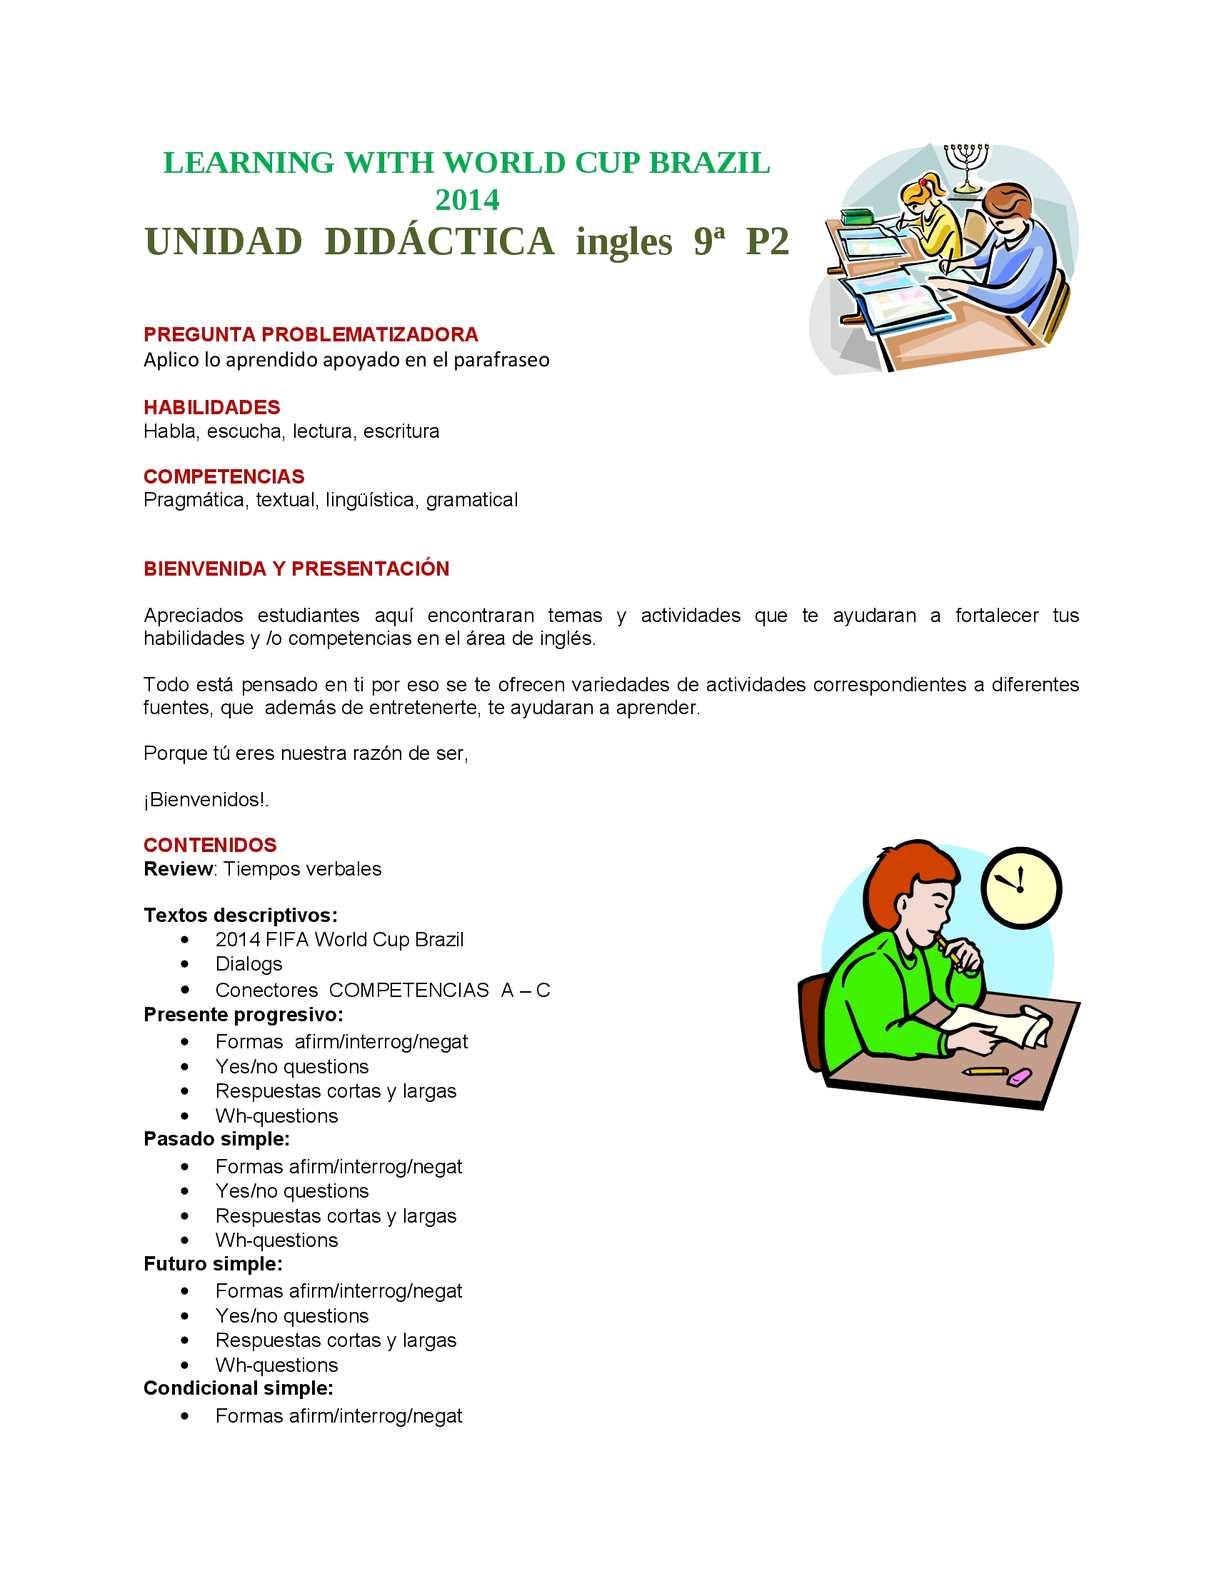 Calameo Unidad Didactica Ingles 9ª P2